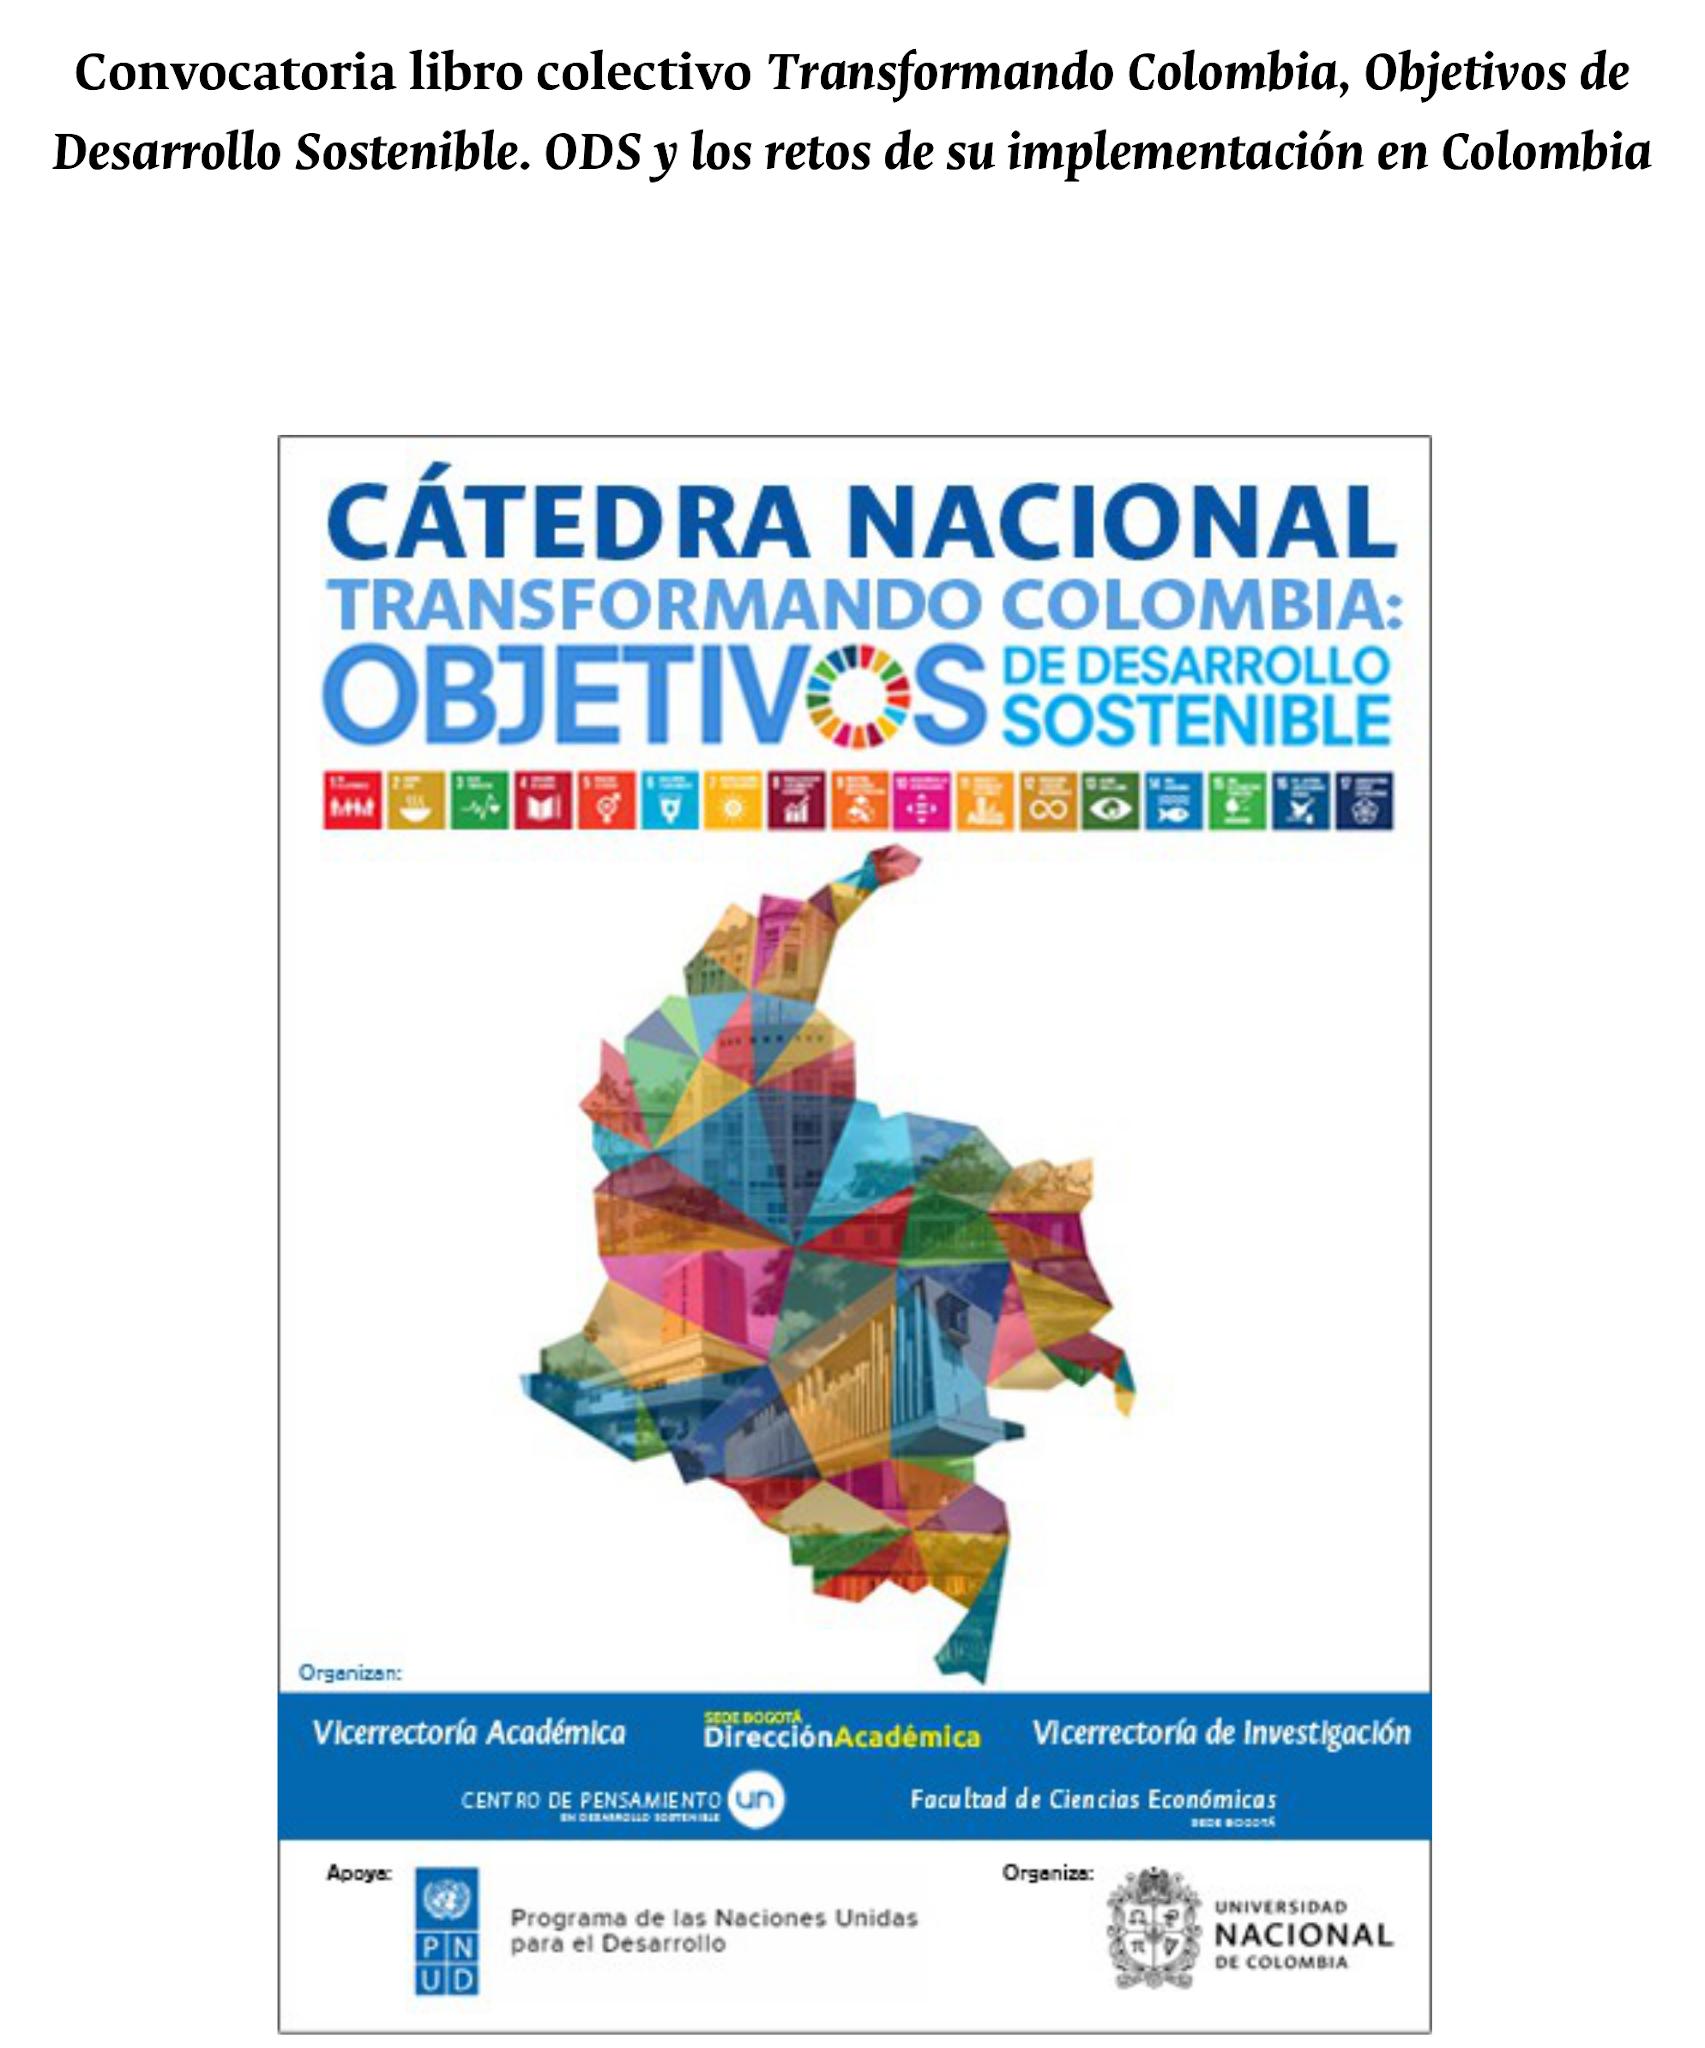 Convocatoria libro colectivo 'Transformando Colombia, Objetivos de Desarrollo Sostenible. ODS y los retos de su implementación en Colombia'